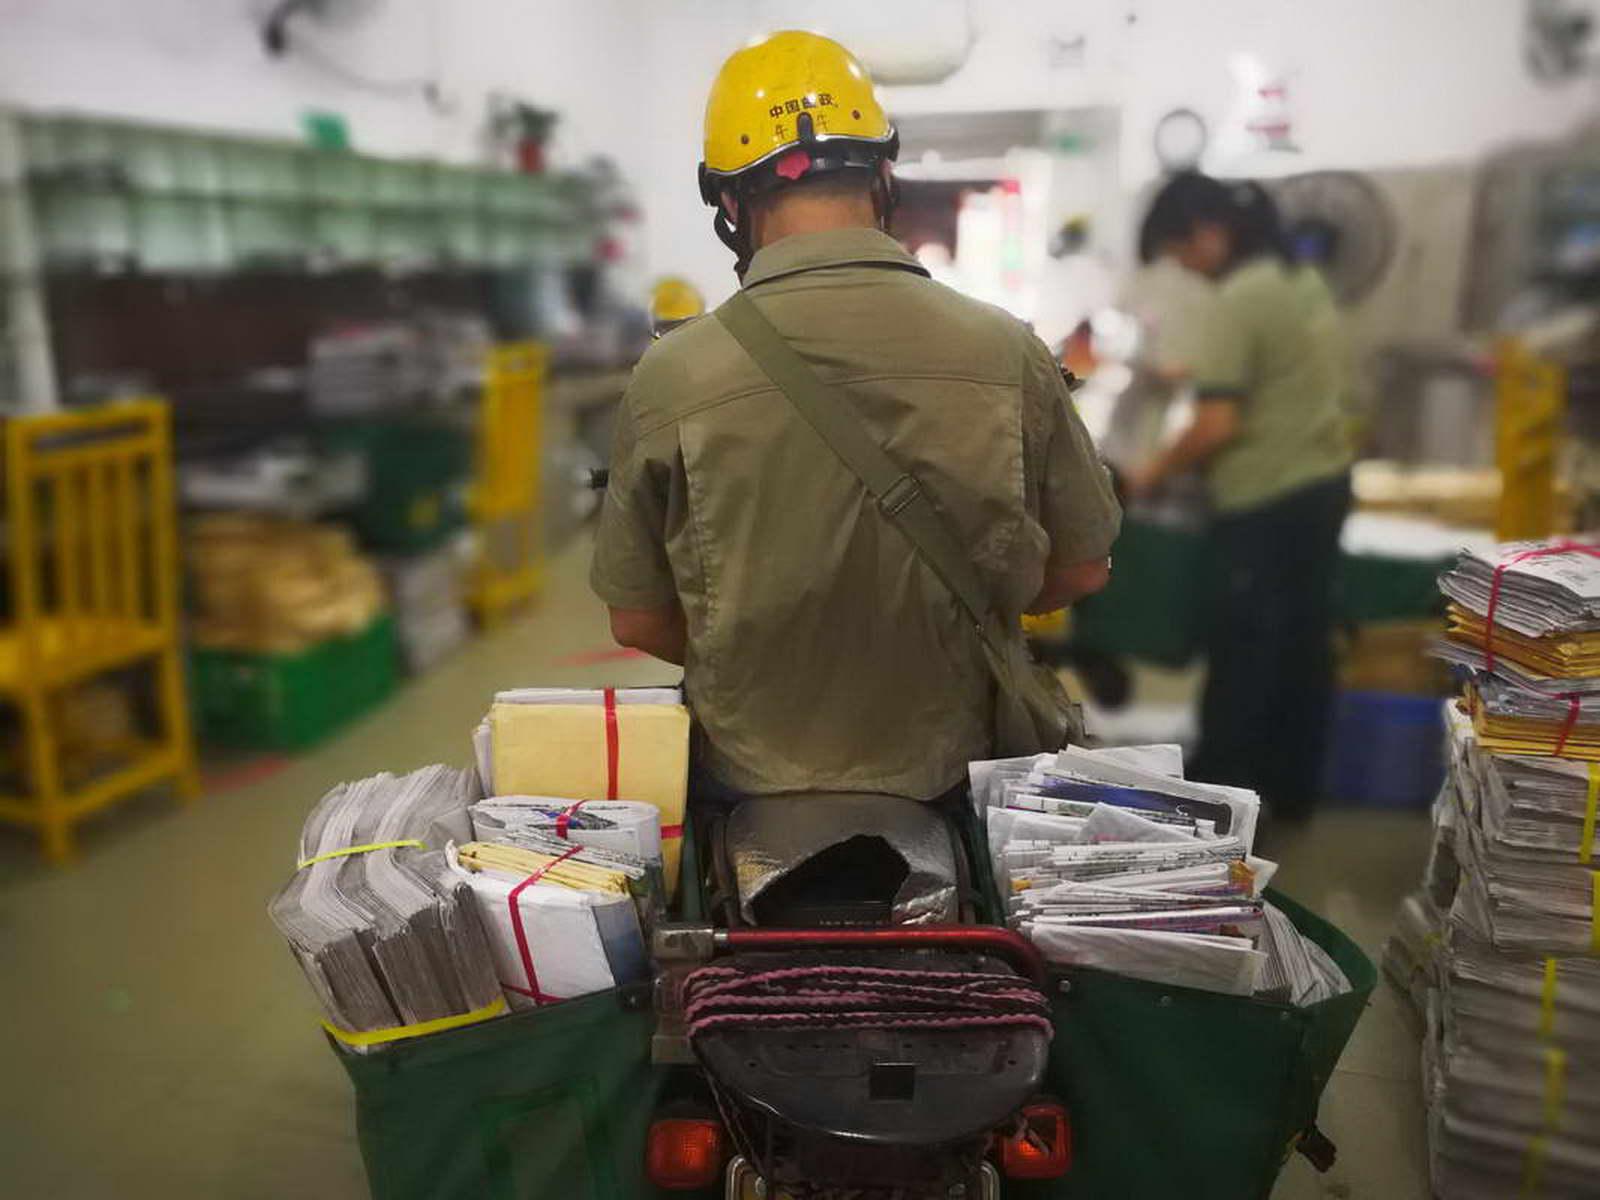 广东邮政 萧伟雄《沾湿的梦想》.jpg